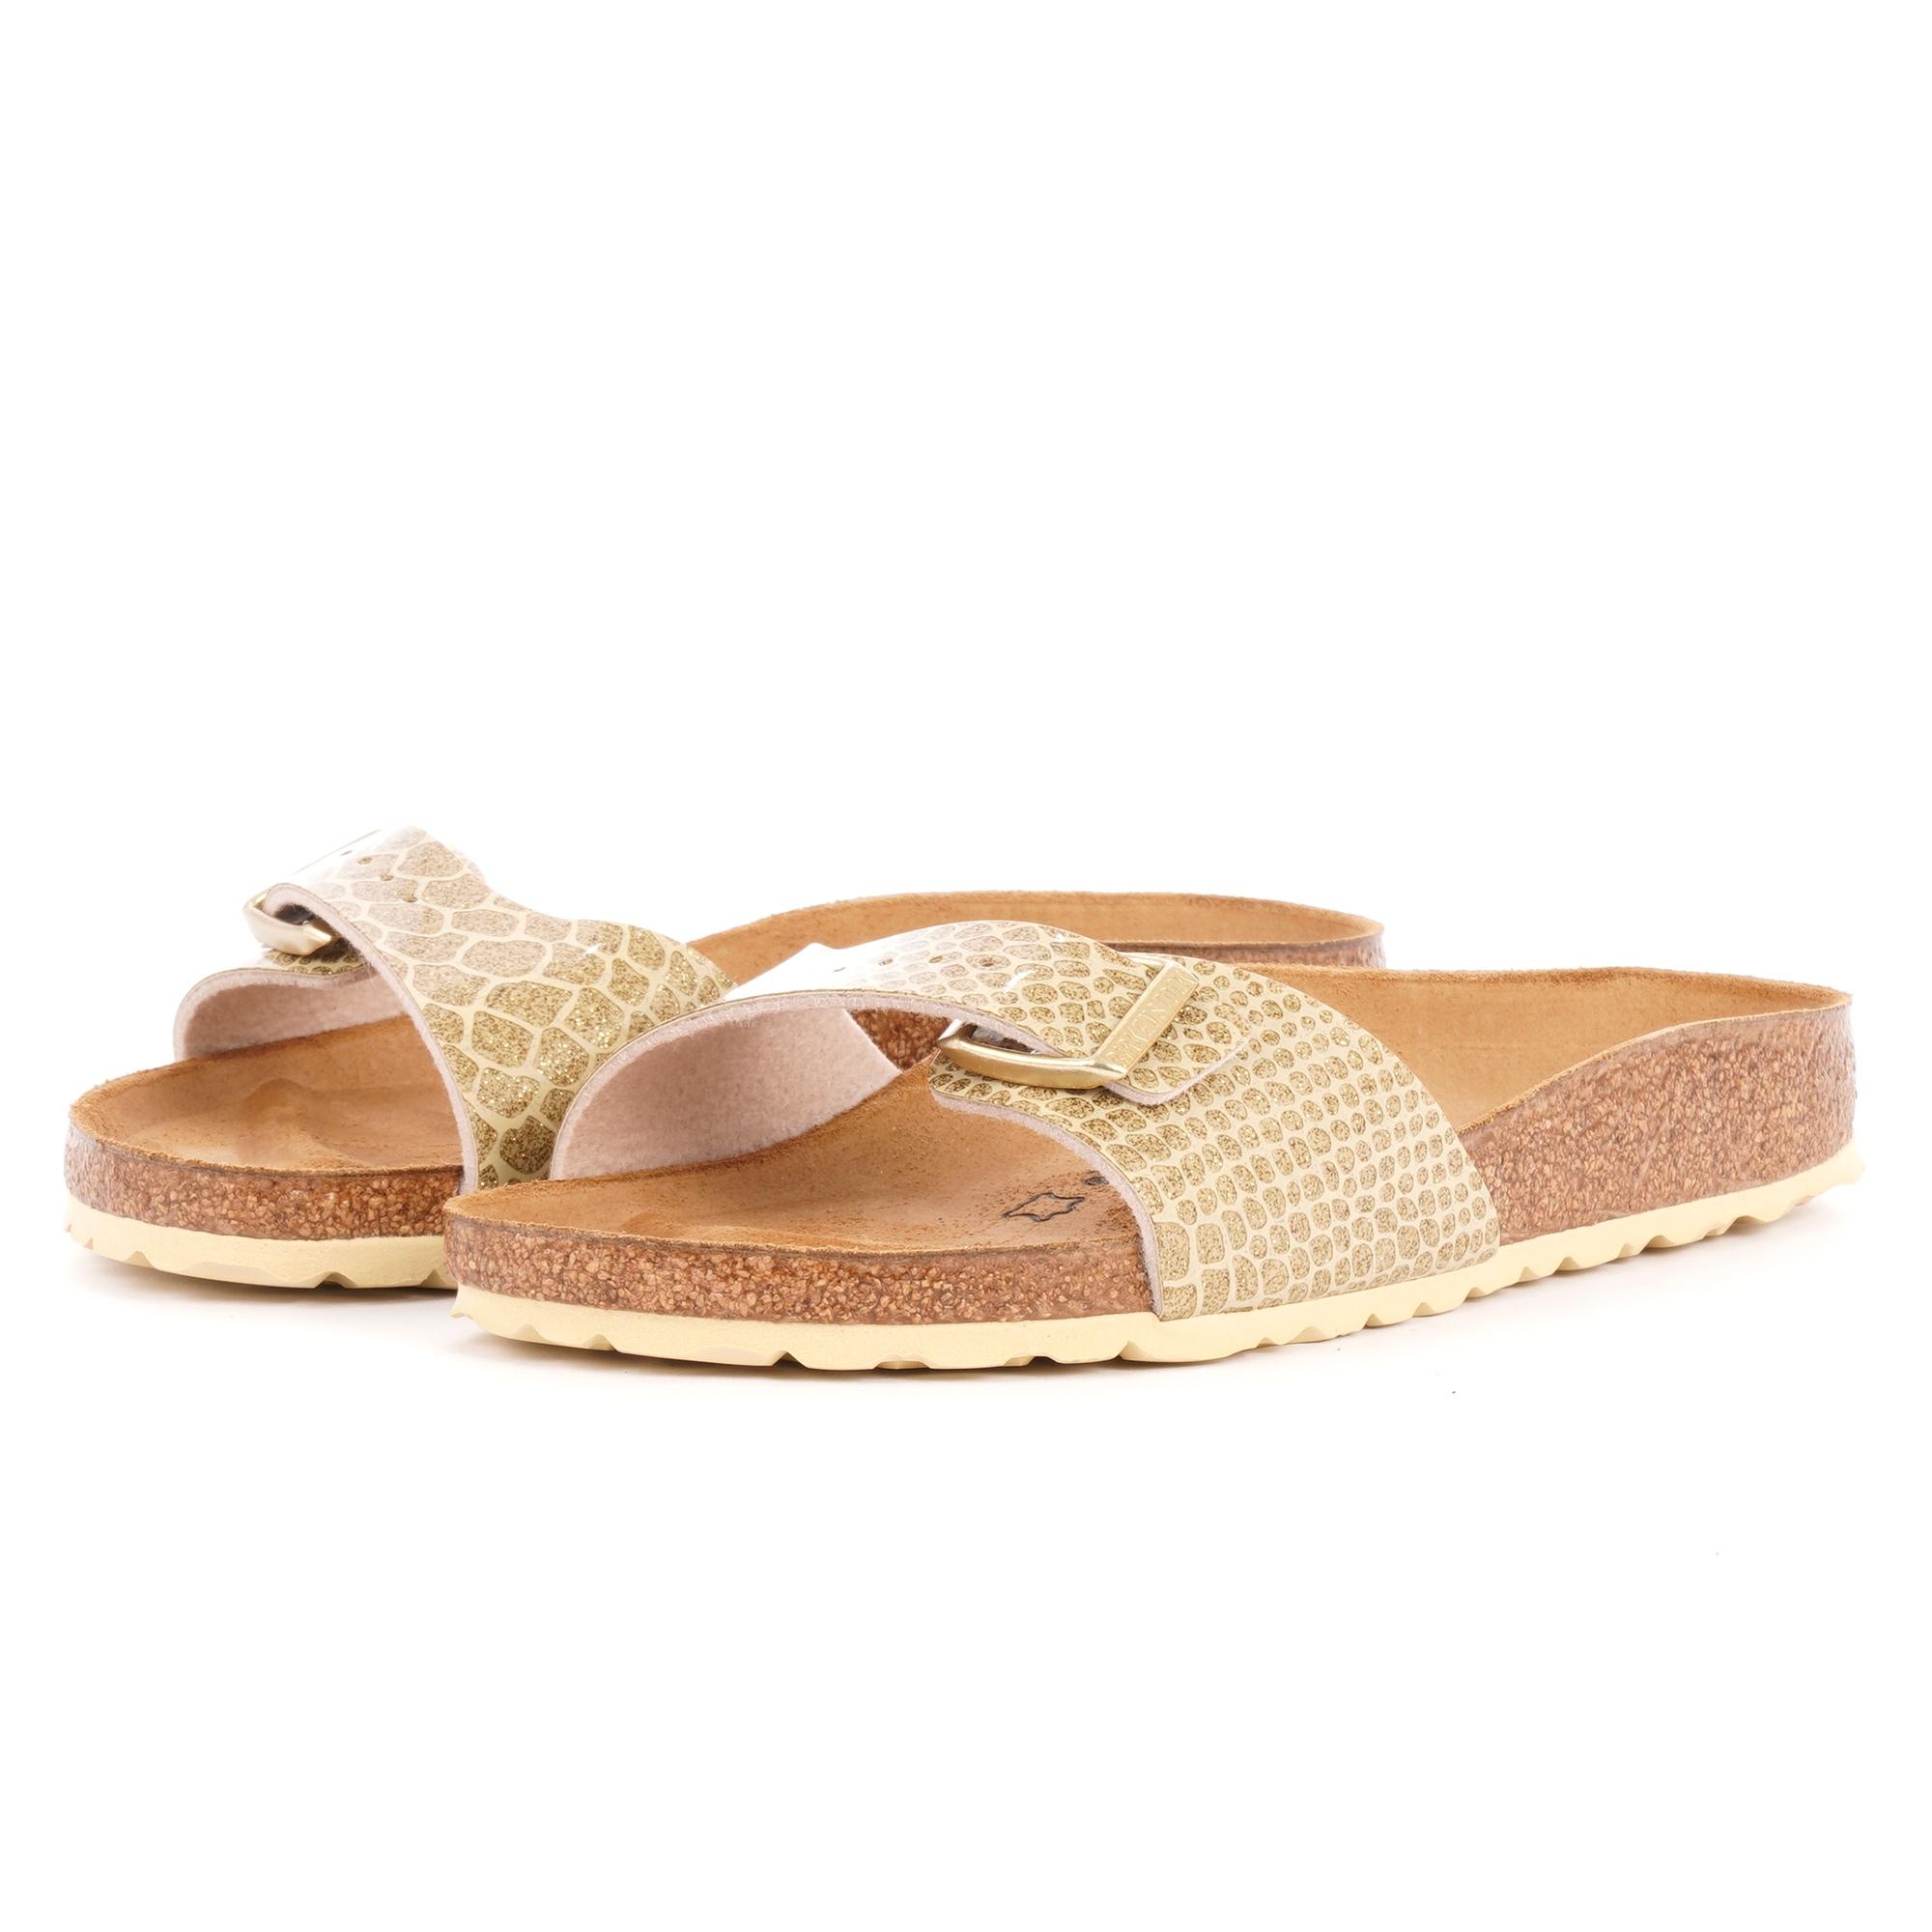 191a769dfb15 Birkenstock Womens Madrid Sandals